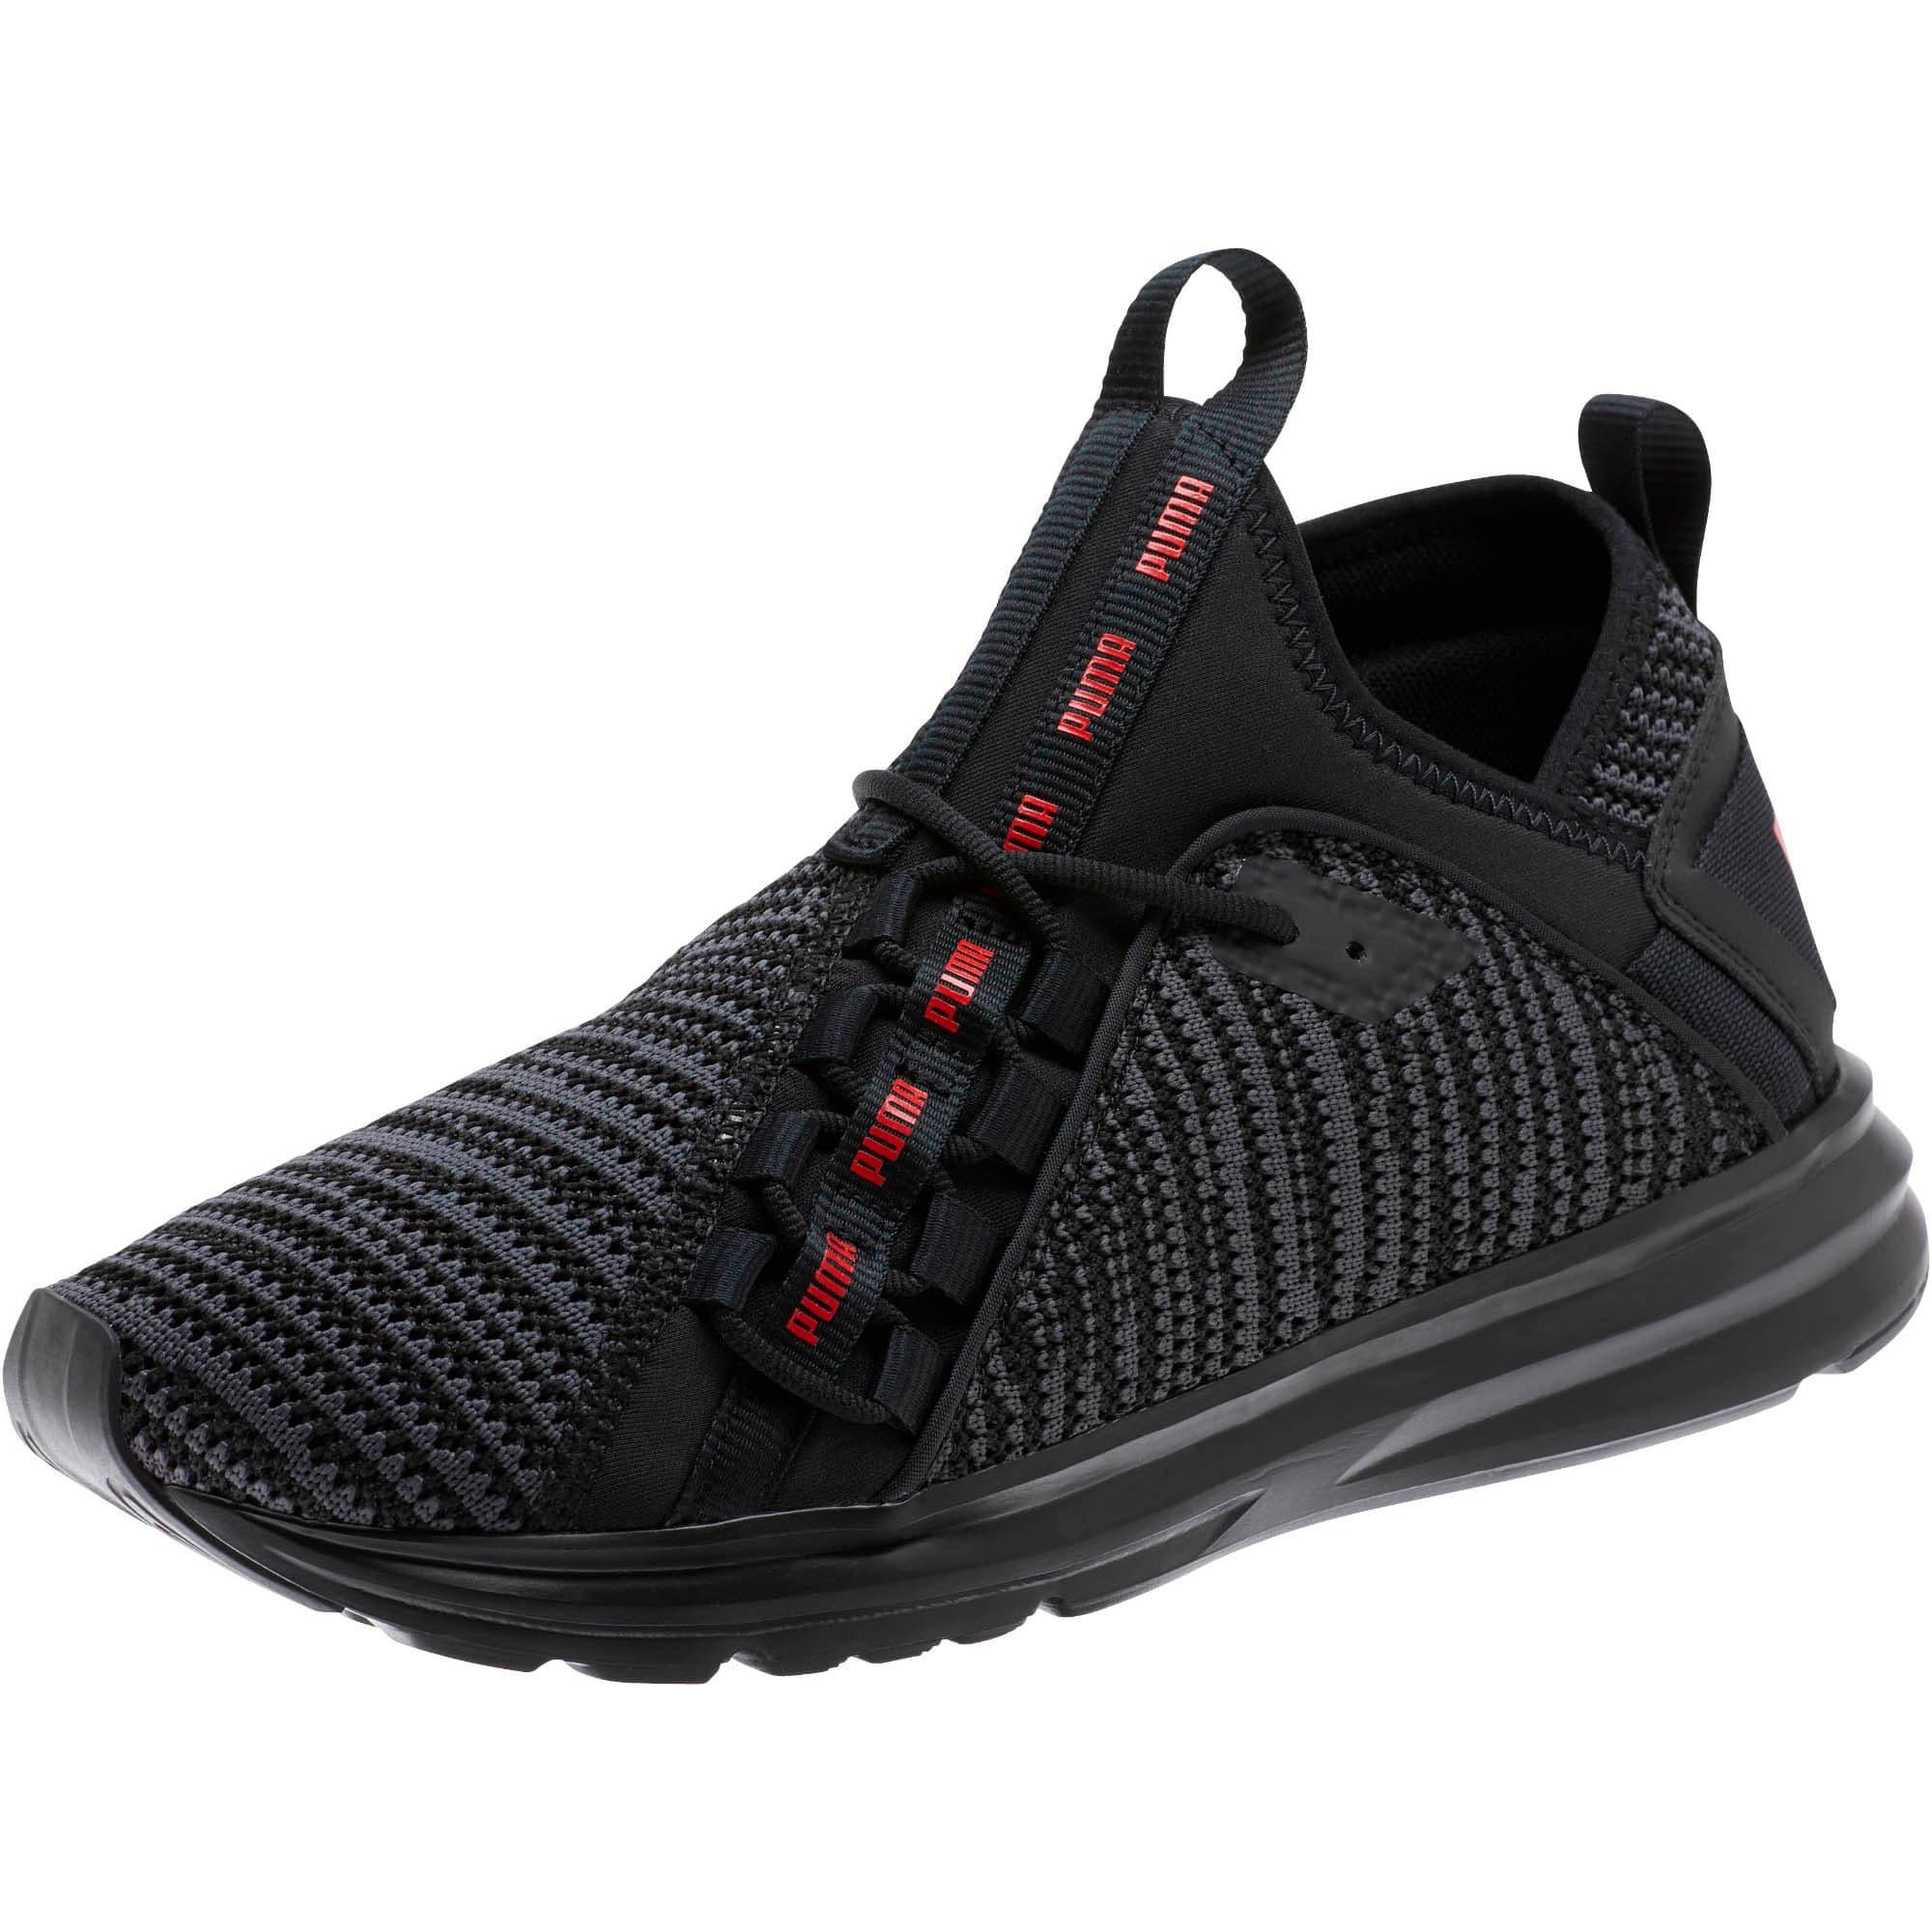 Thumbnail 1 of Enzo Peak Men's Sneakers, Black-Asphalt-High Risk Red, medium